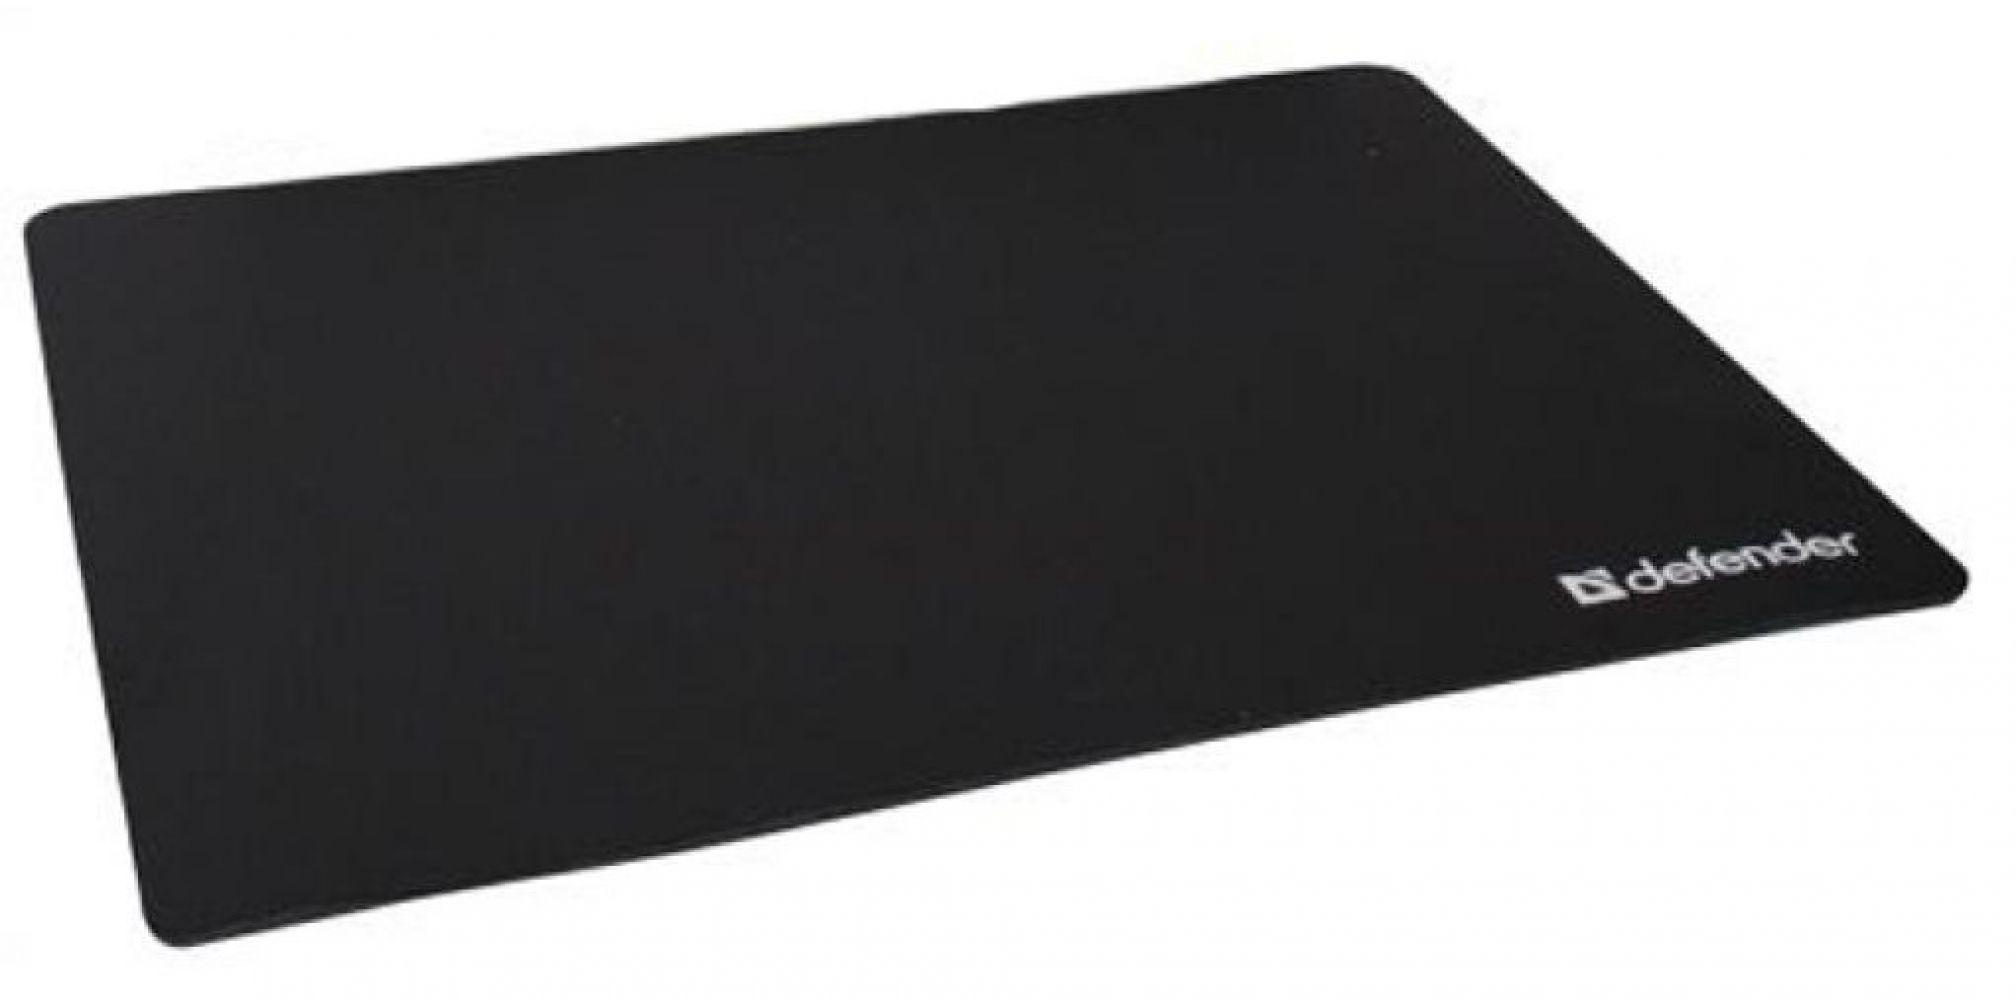 Купить Игровые поверхности, Игровая поверхность Defender Thor GP-700 M (50070) Black